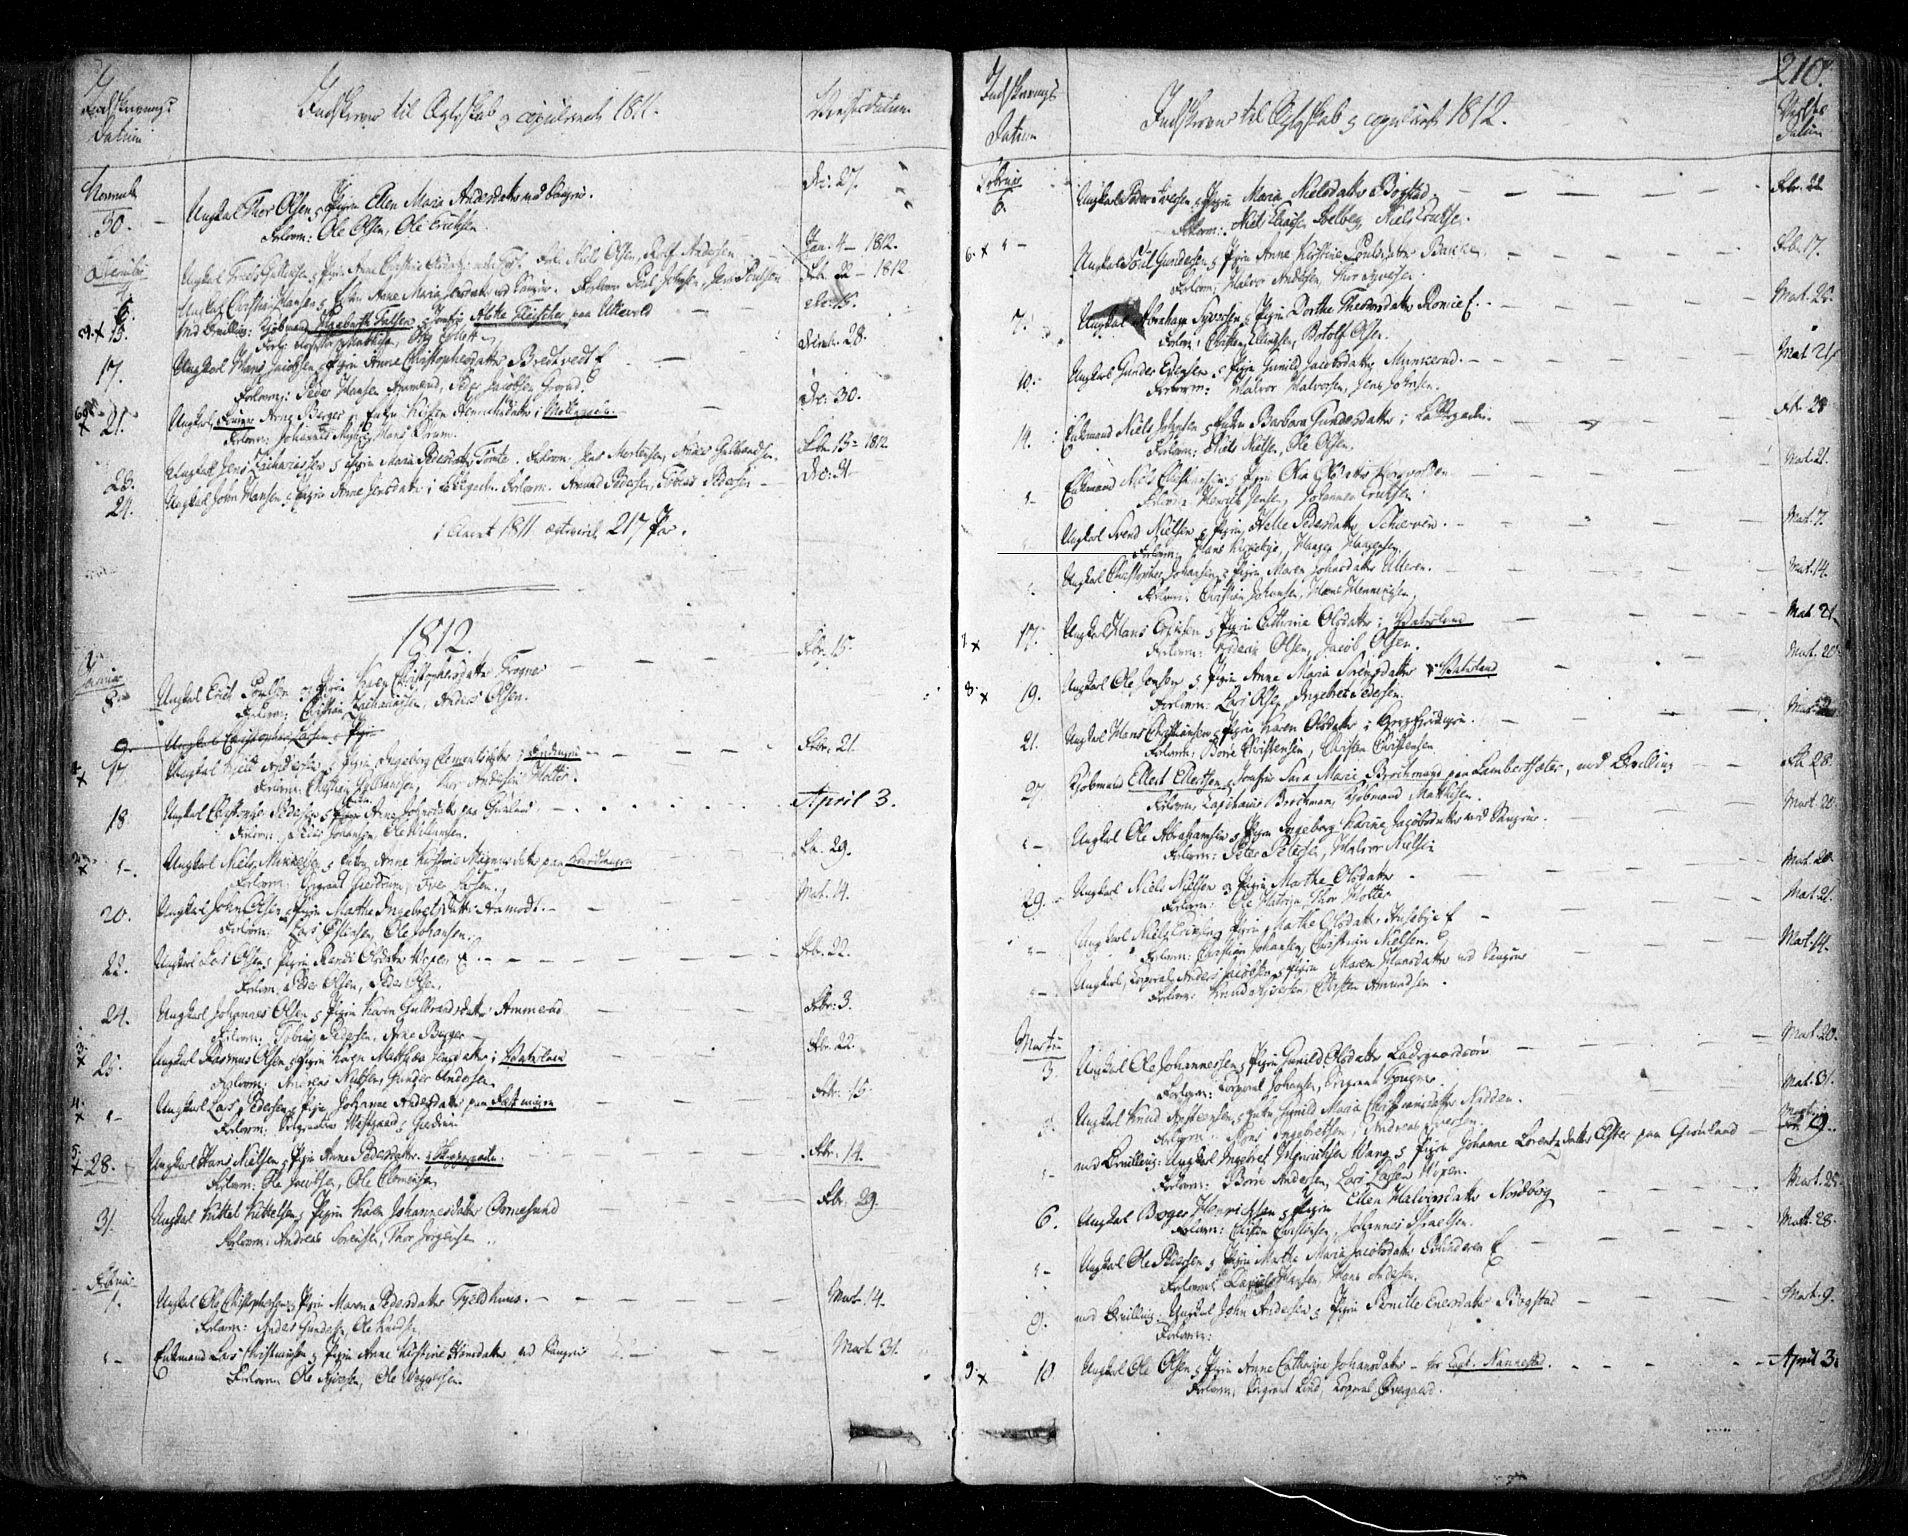 SAO, Aker prestekontor kirkebøker, F/L0011: Ministerialbok nr. 11, 1810-1819, s. 210